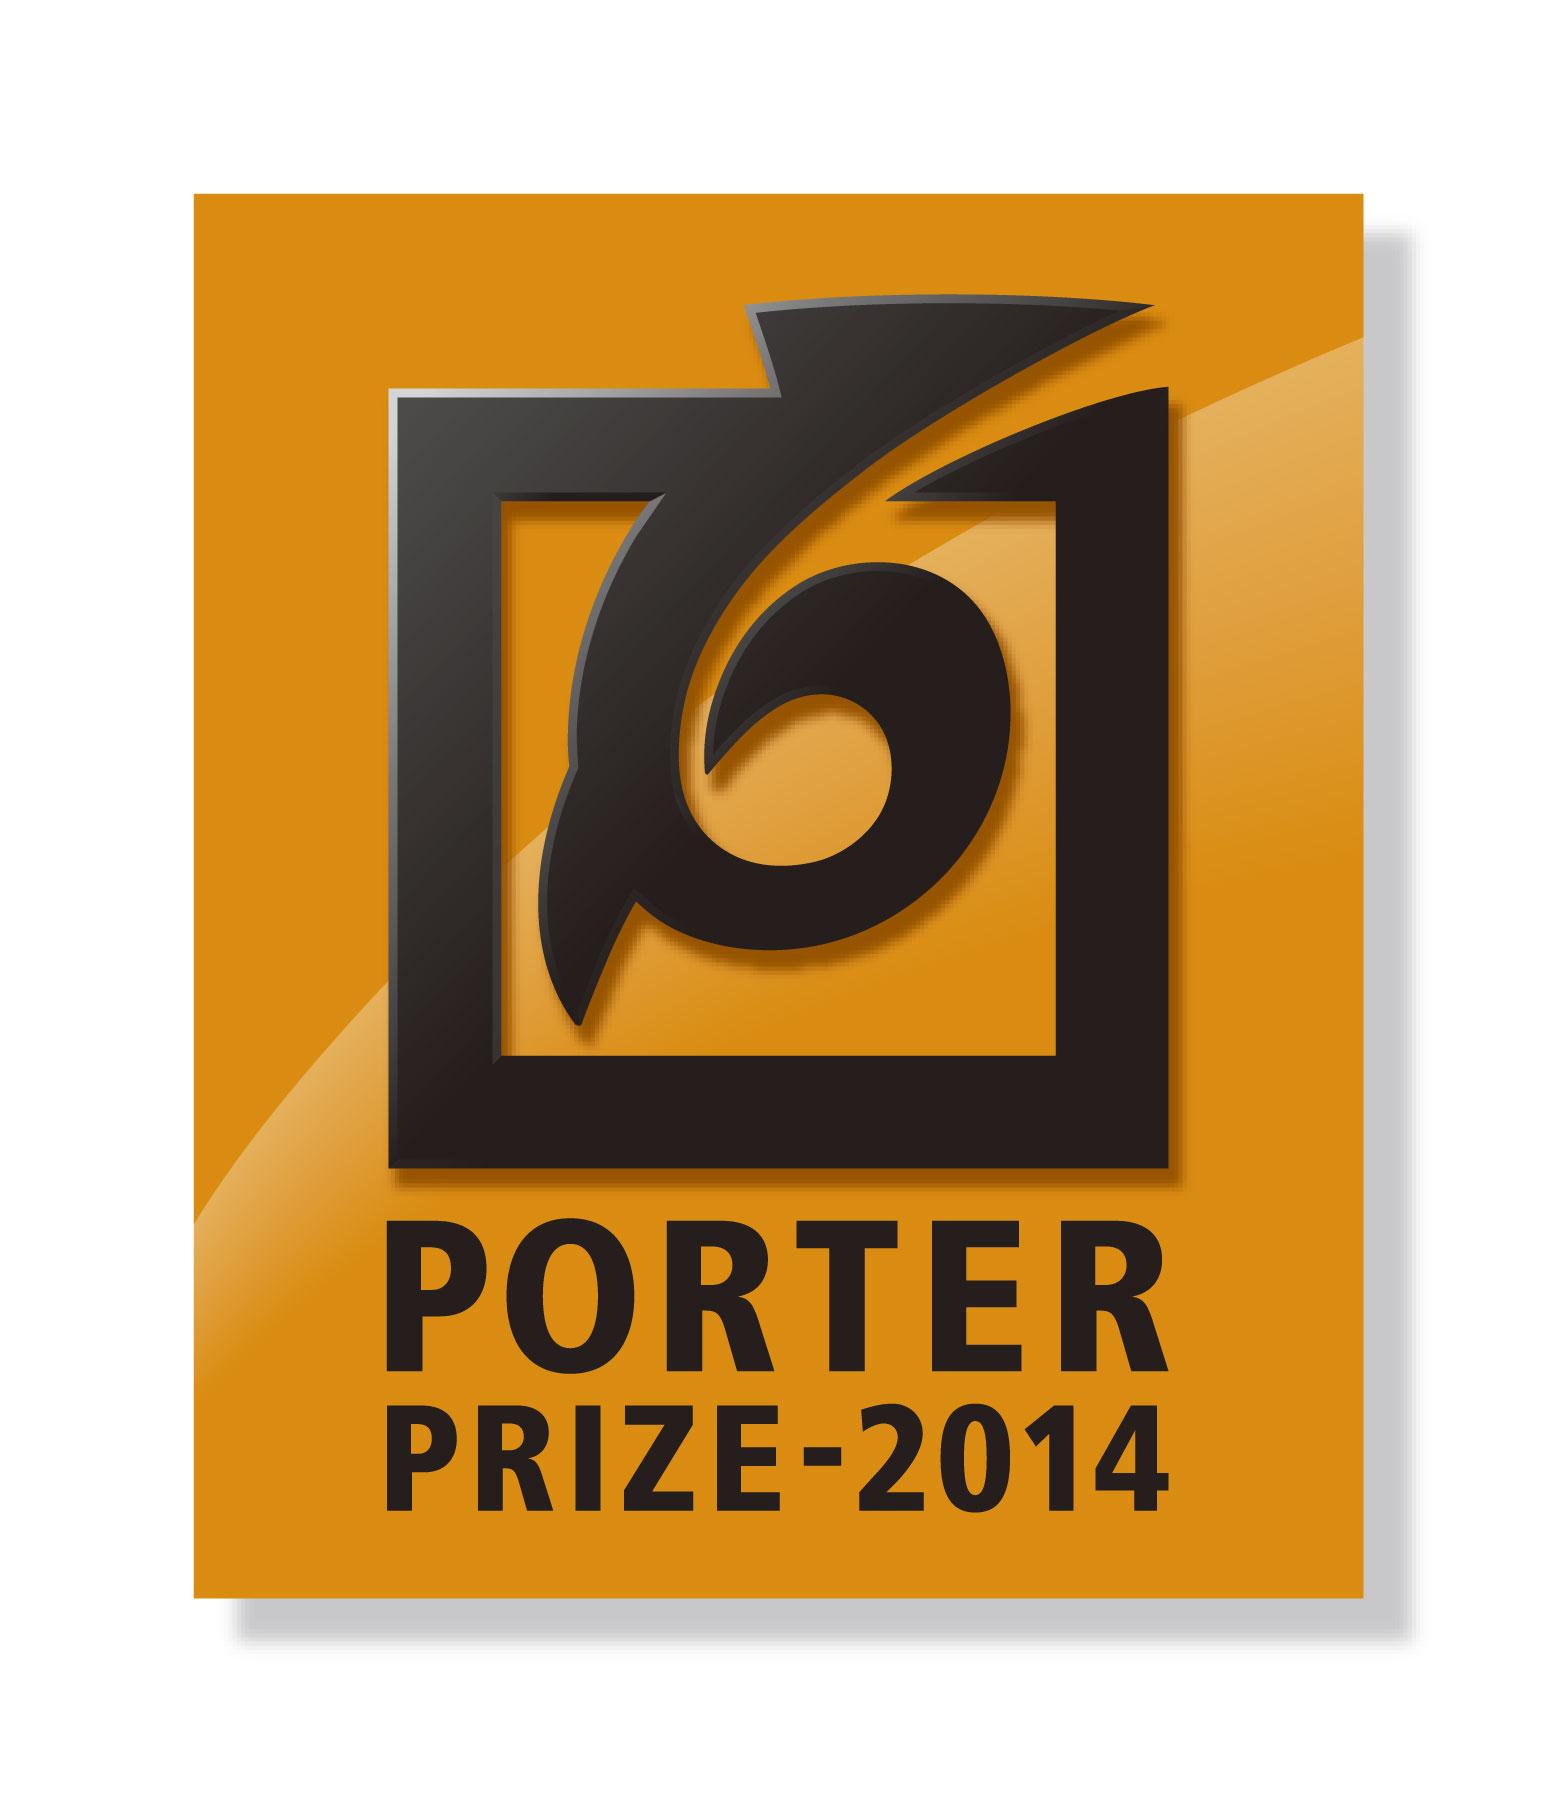 http://www.porterprize.org/news/data/2014Mark_ENG_3D_H.jpg